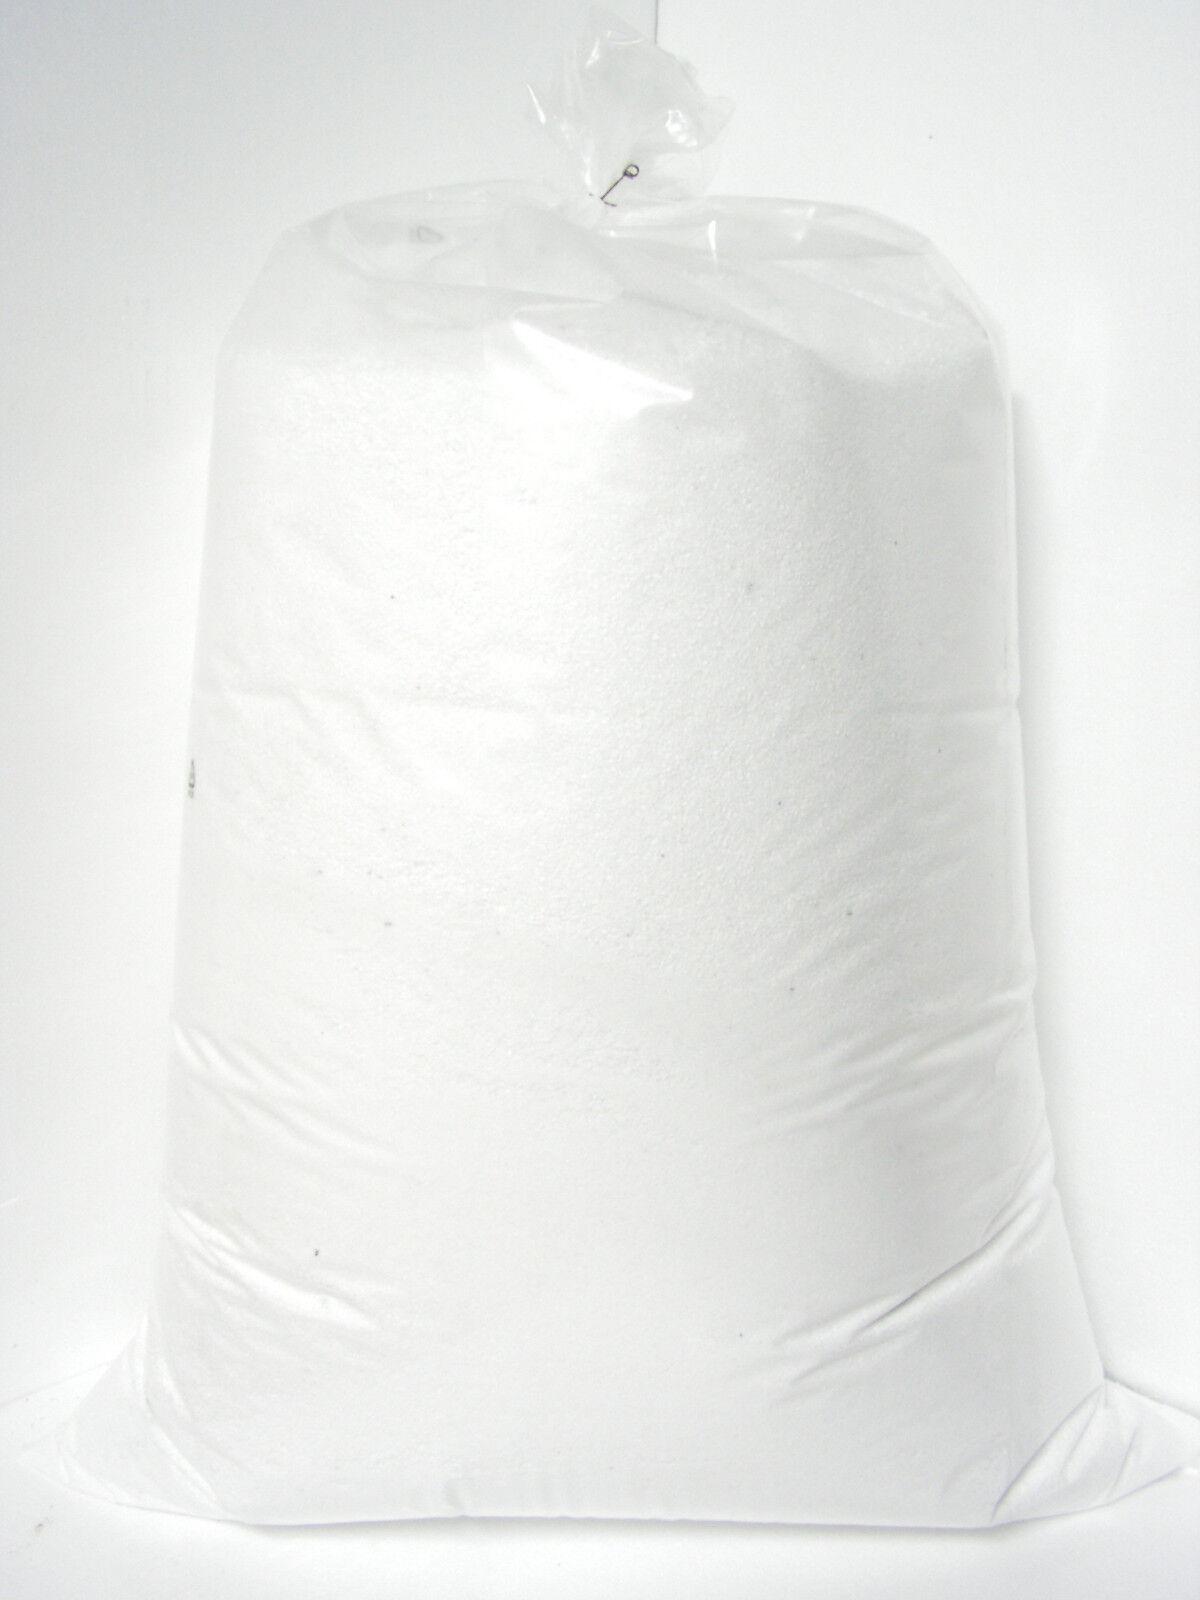 Schüttdämmung Einblasdämmung Füllmaterial Hohlraumdämmung 260 Liter 0,02 € / L